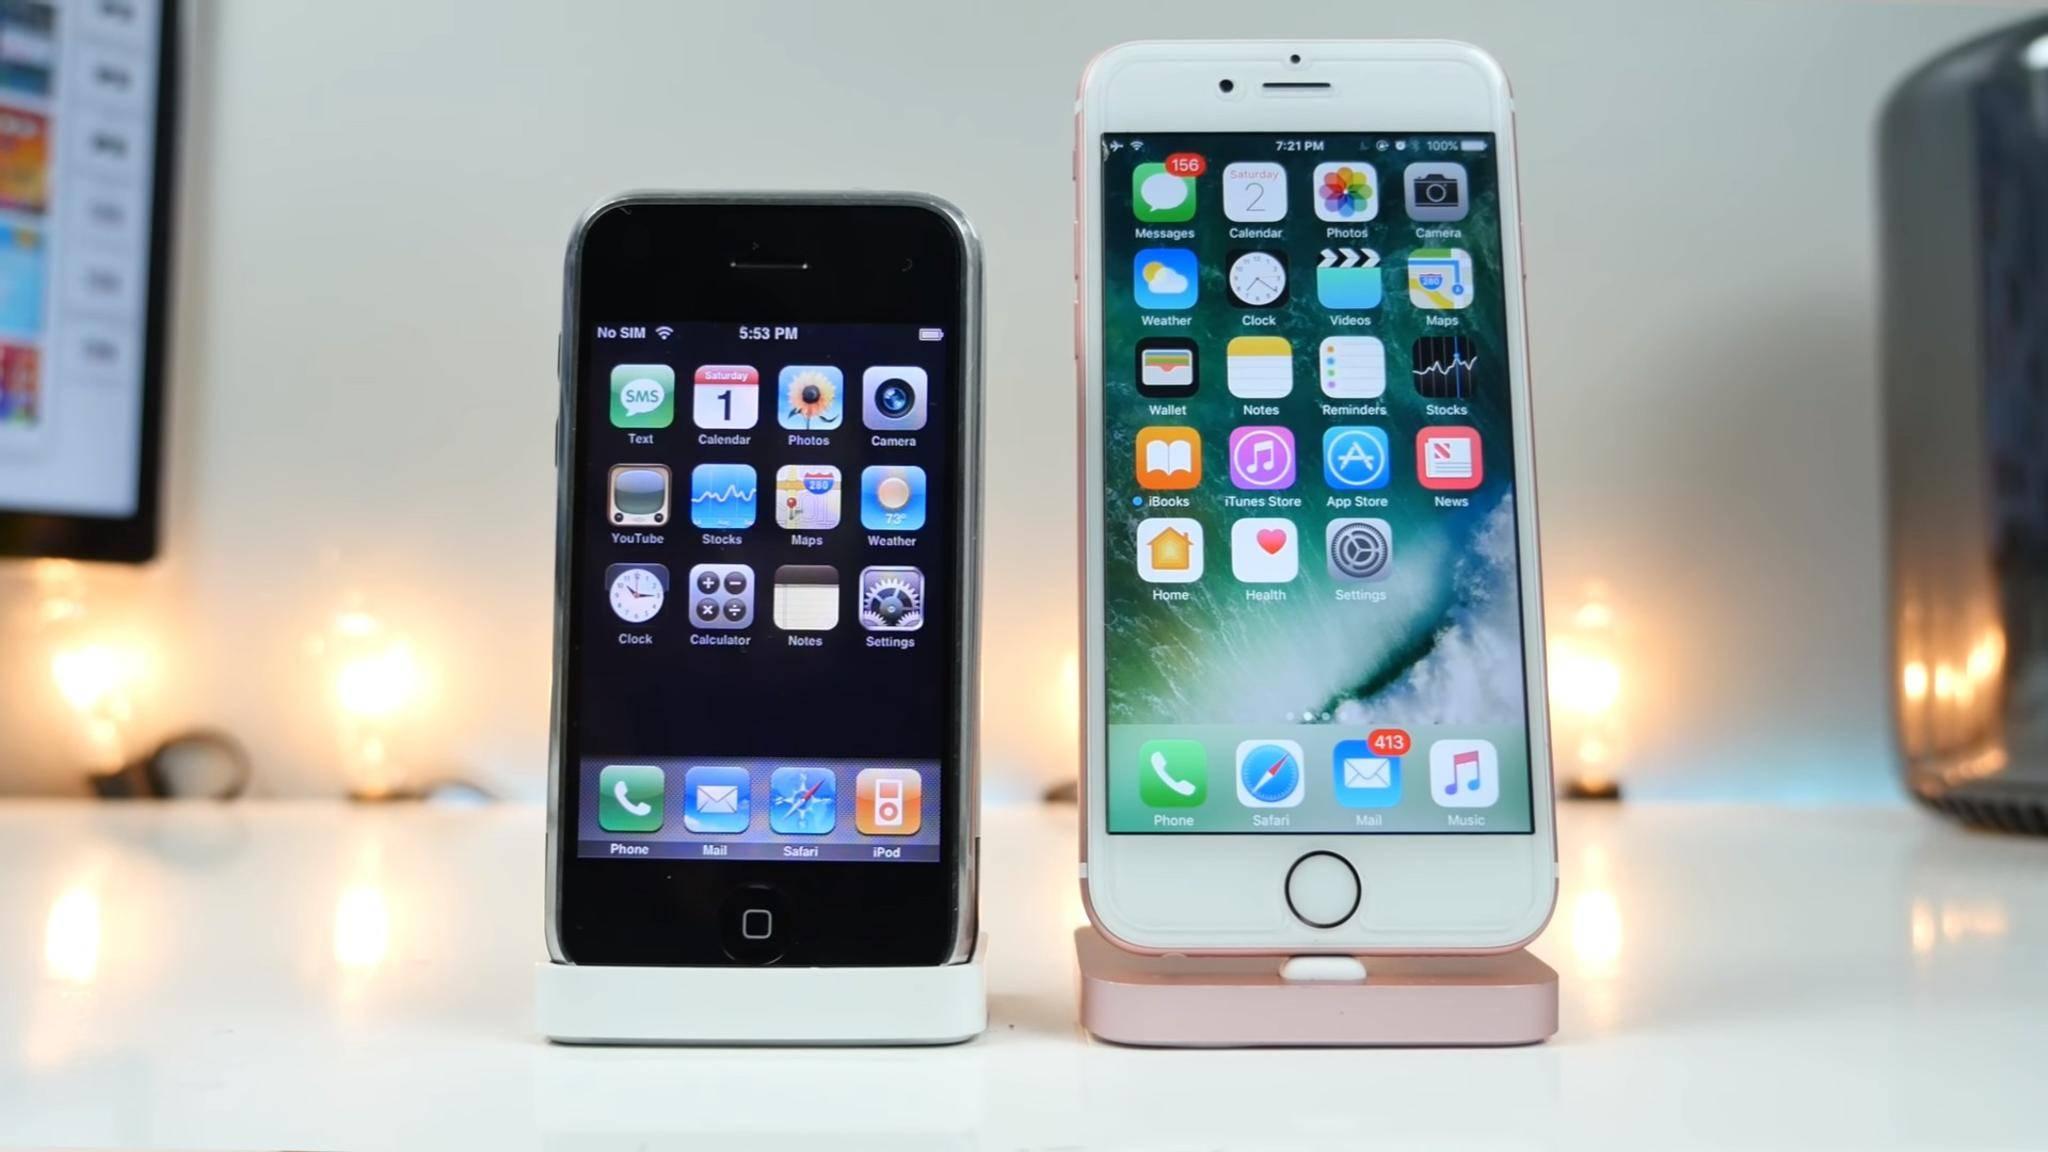 Selbst das erste iPhone verwenden heutzutage noch einige (wenige) Apple-Fans.